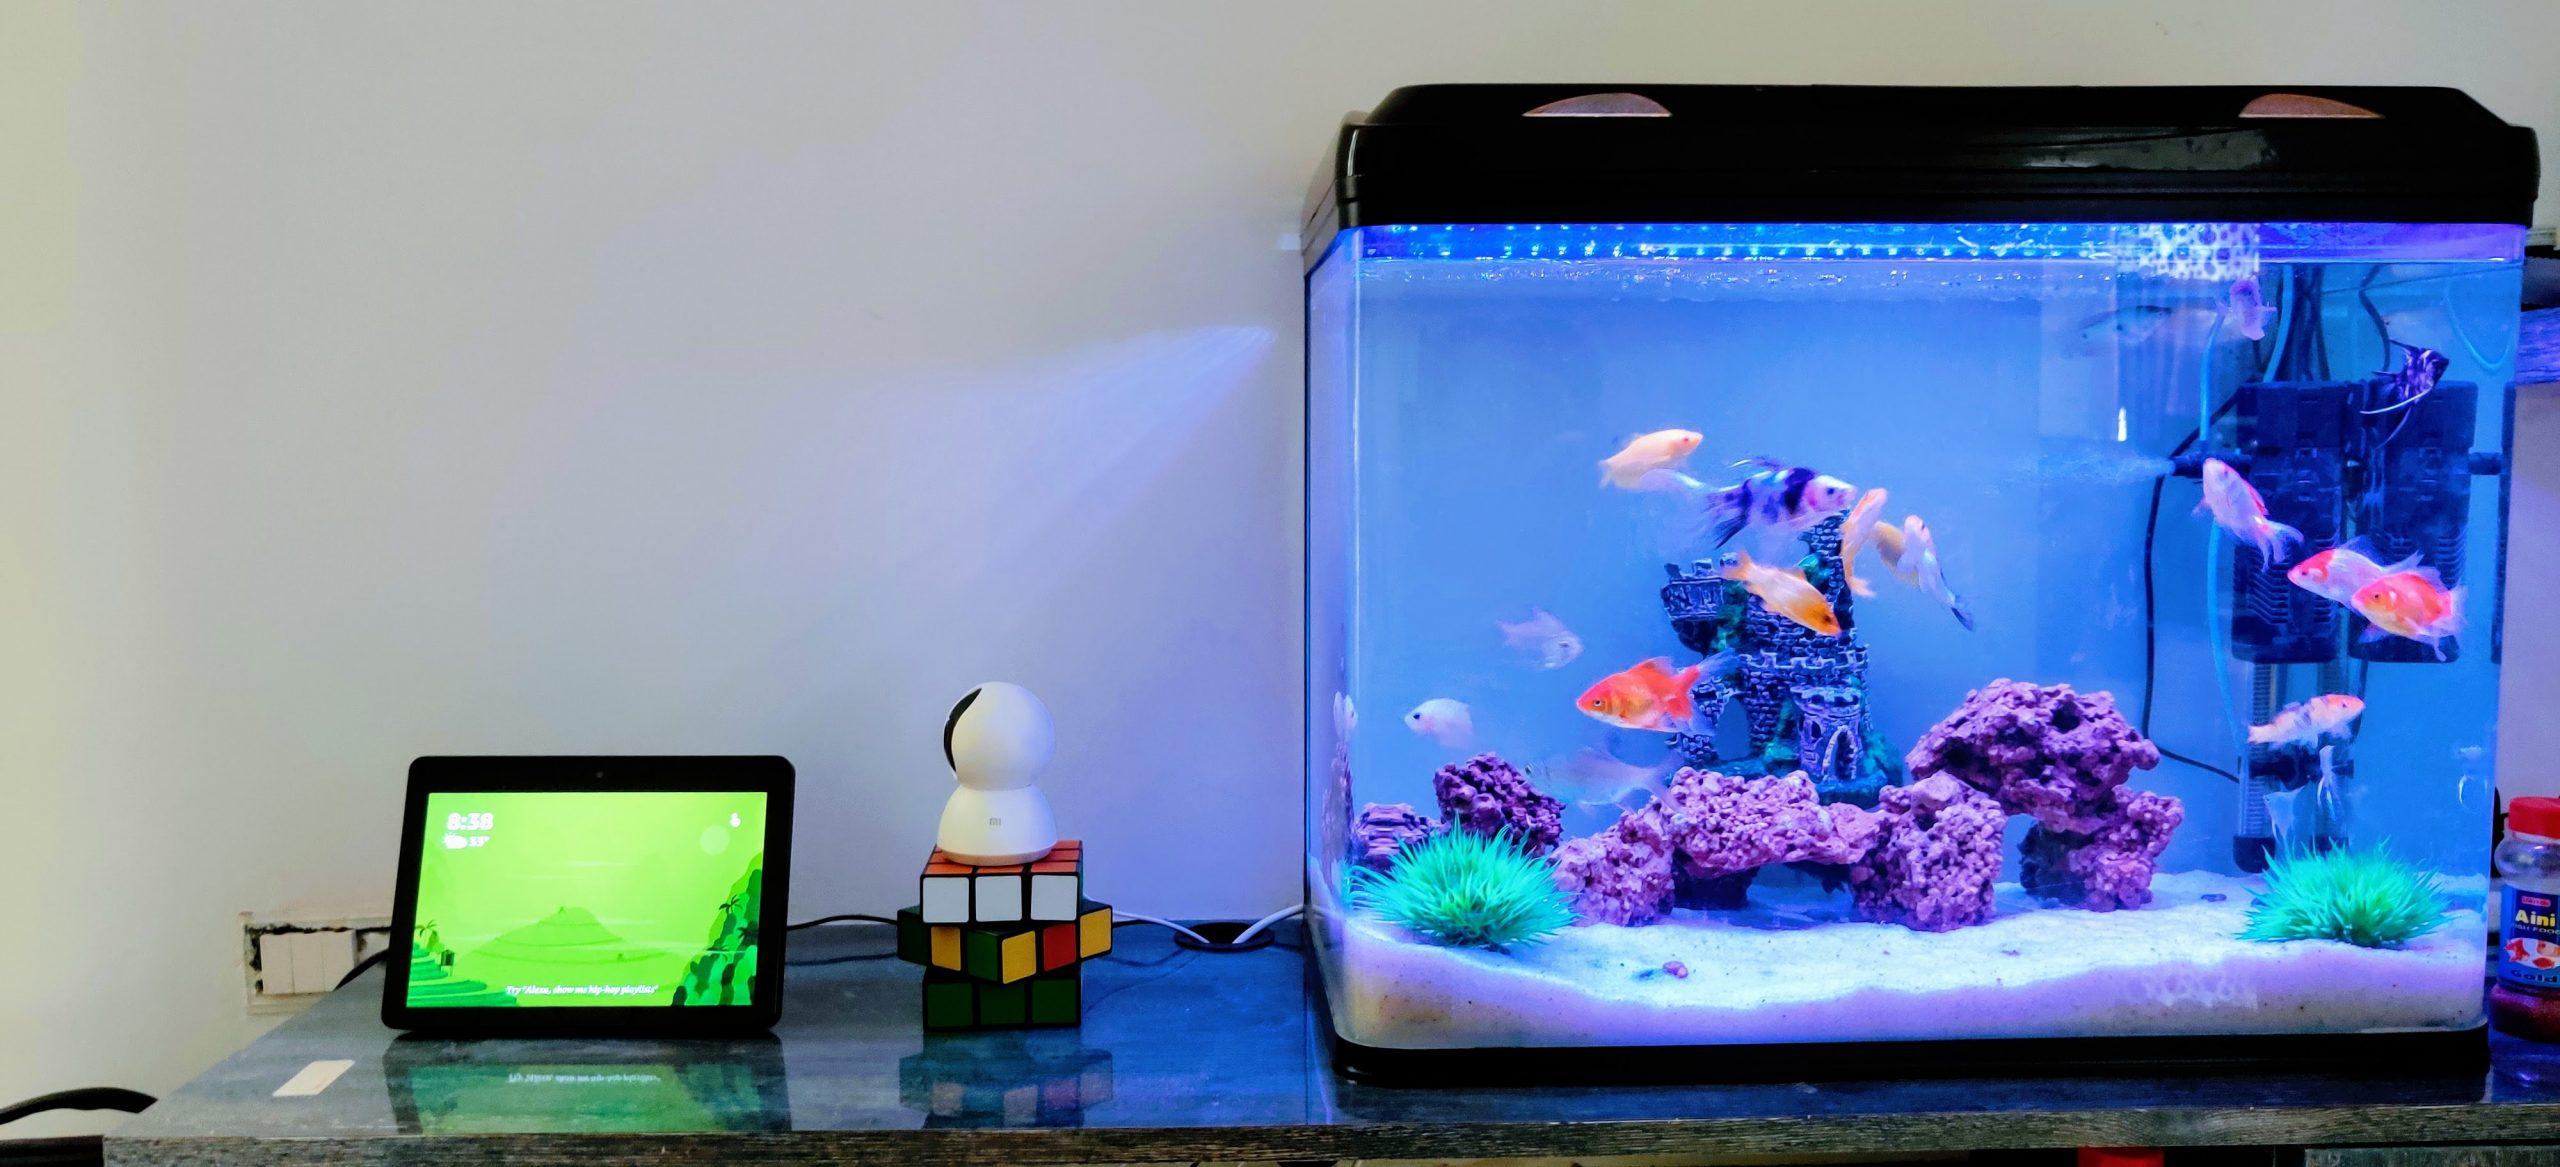 Meilleurs conseils pour l'entretien de votre aquarium: tests et produits